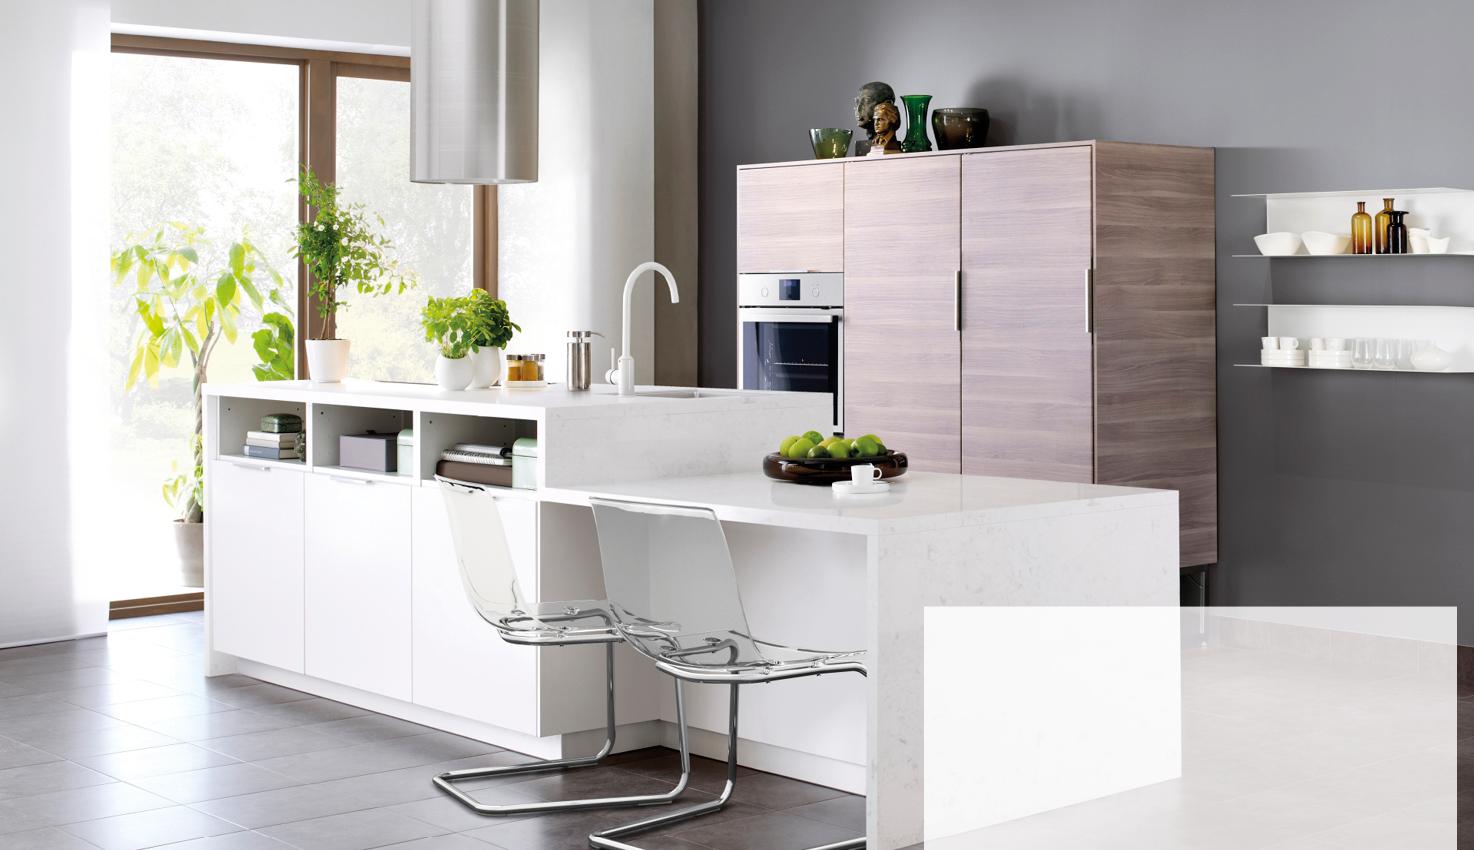 KitchenplanningTile 520x300